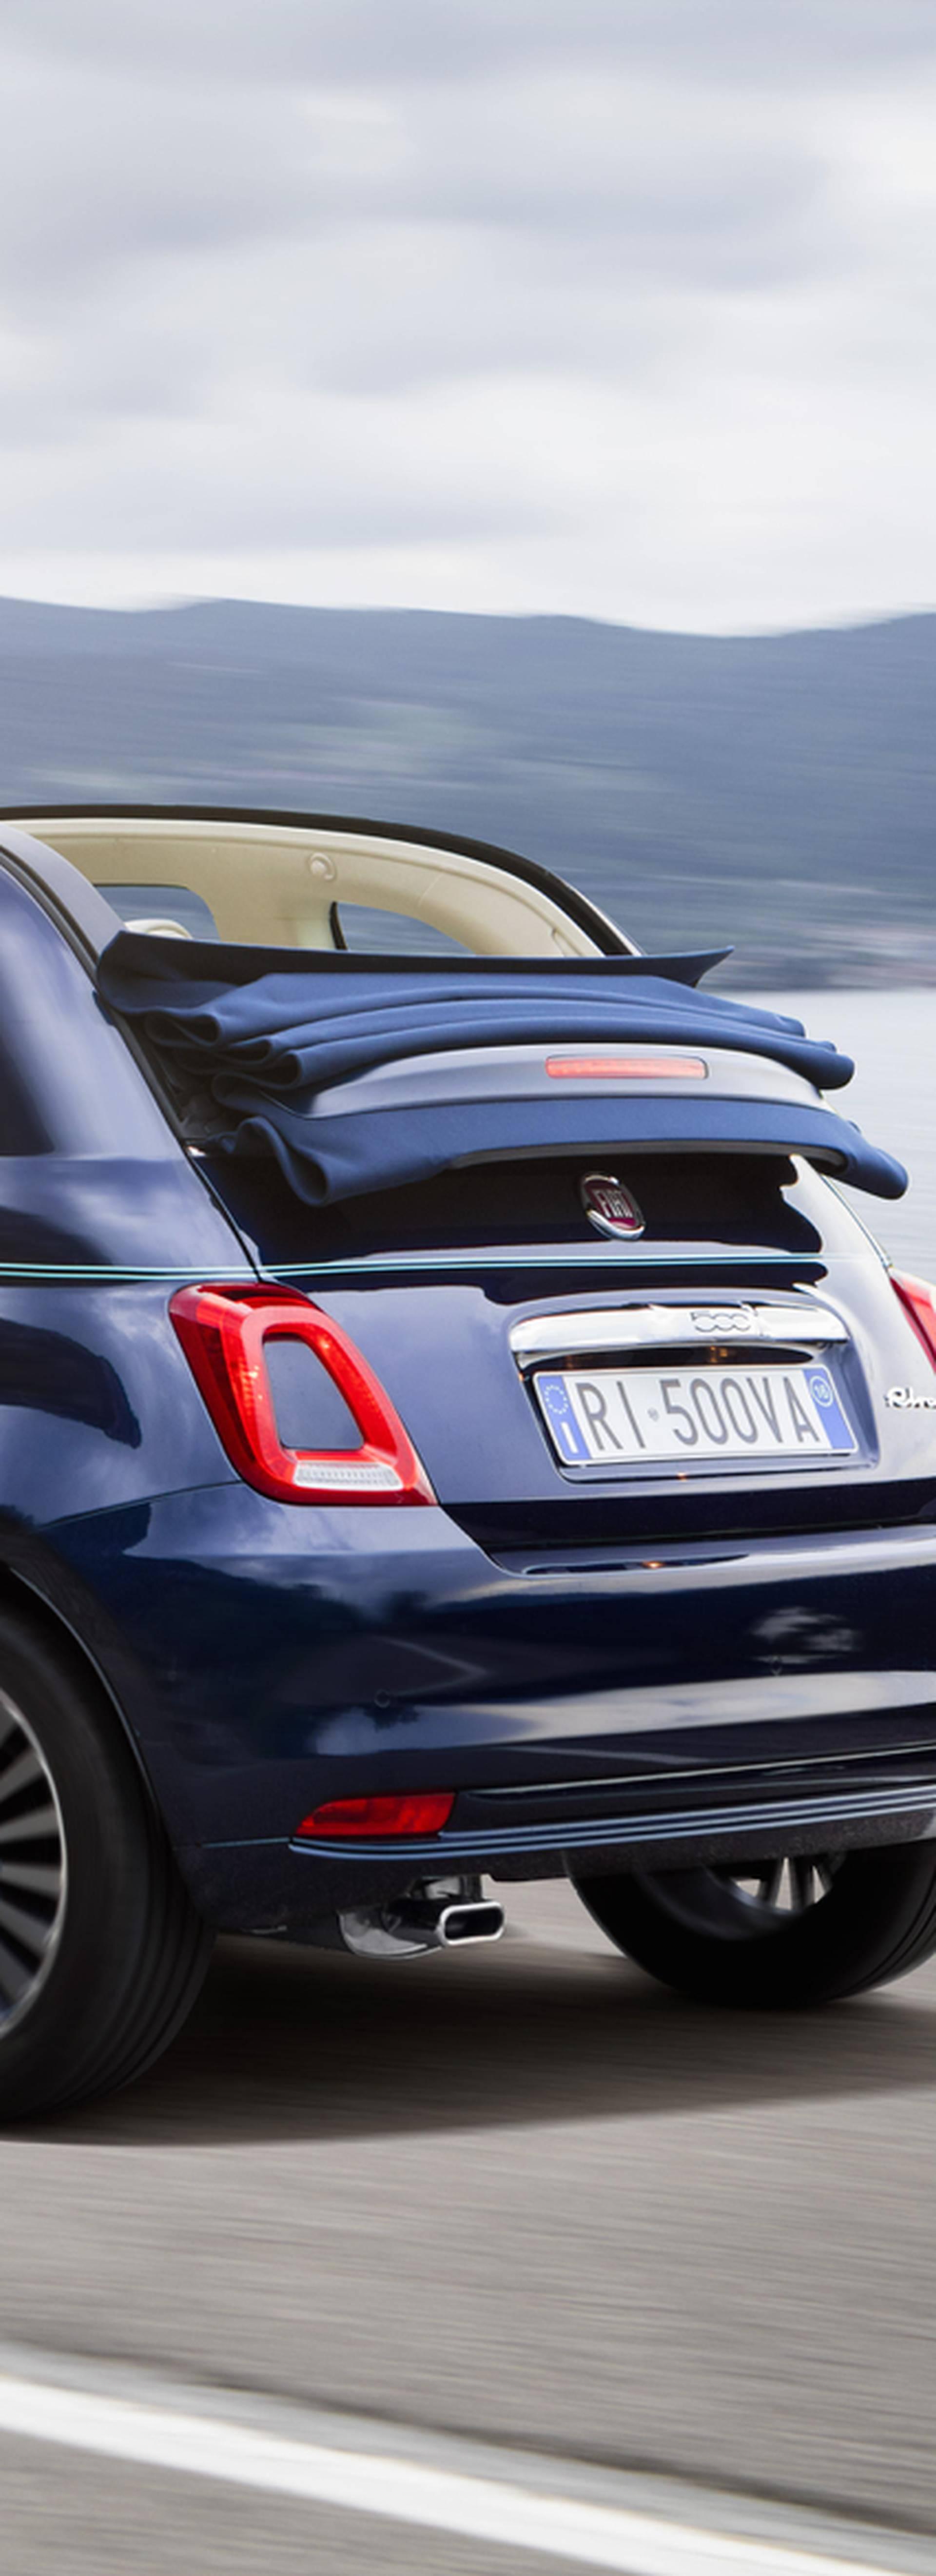 Maleni Fiat 500 opremljen je poput najluksuznijih jahti